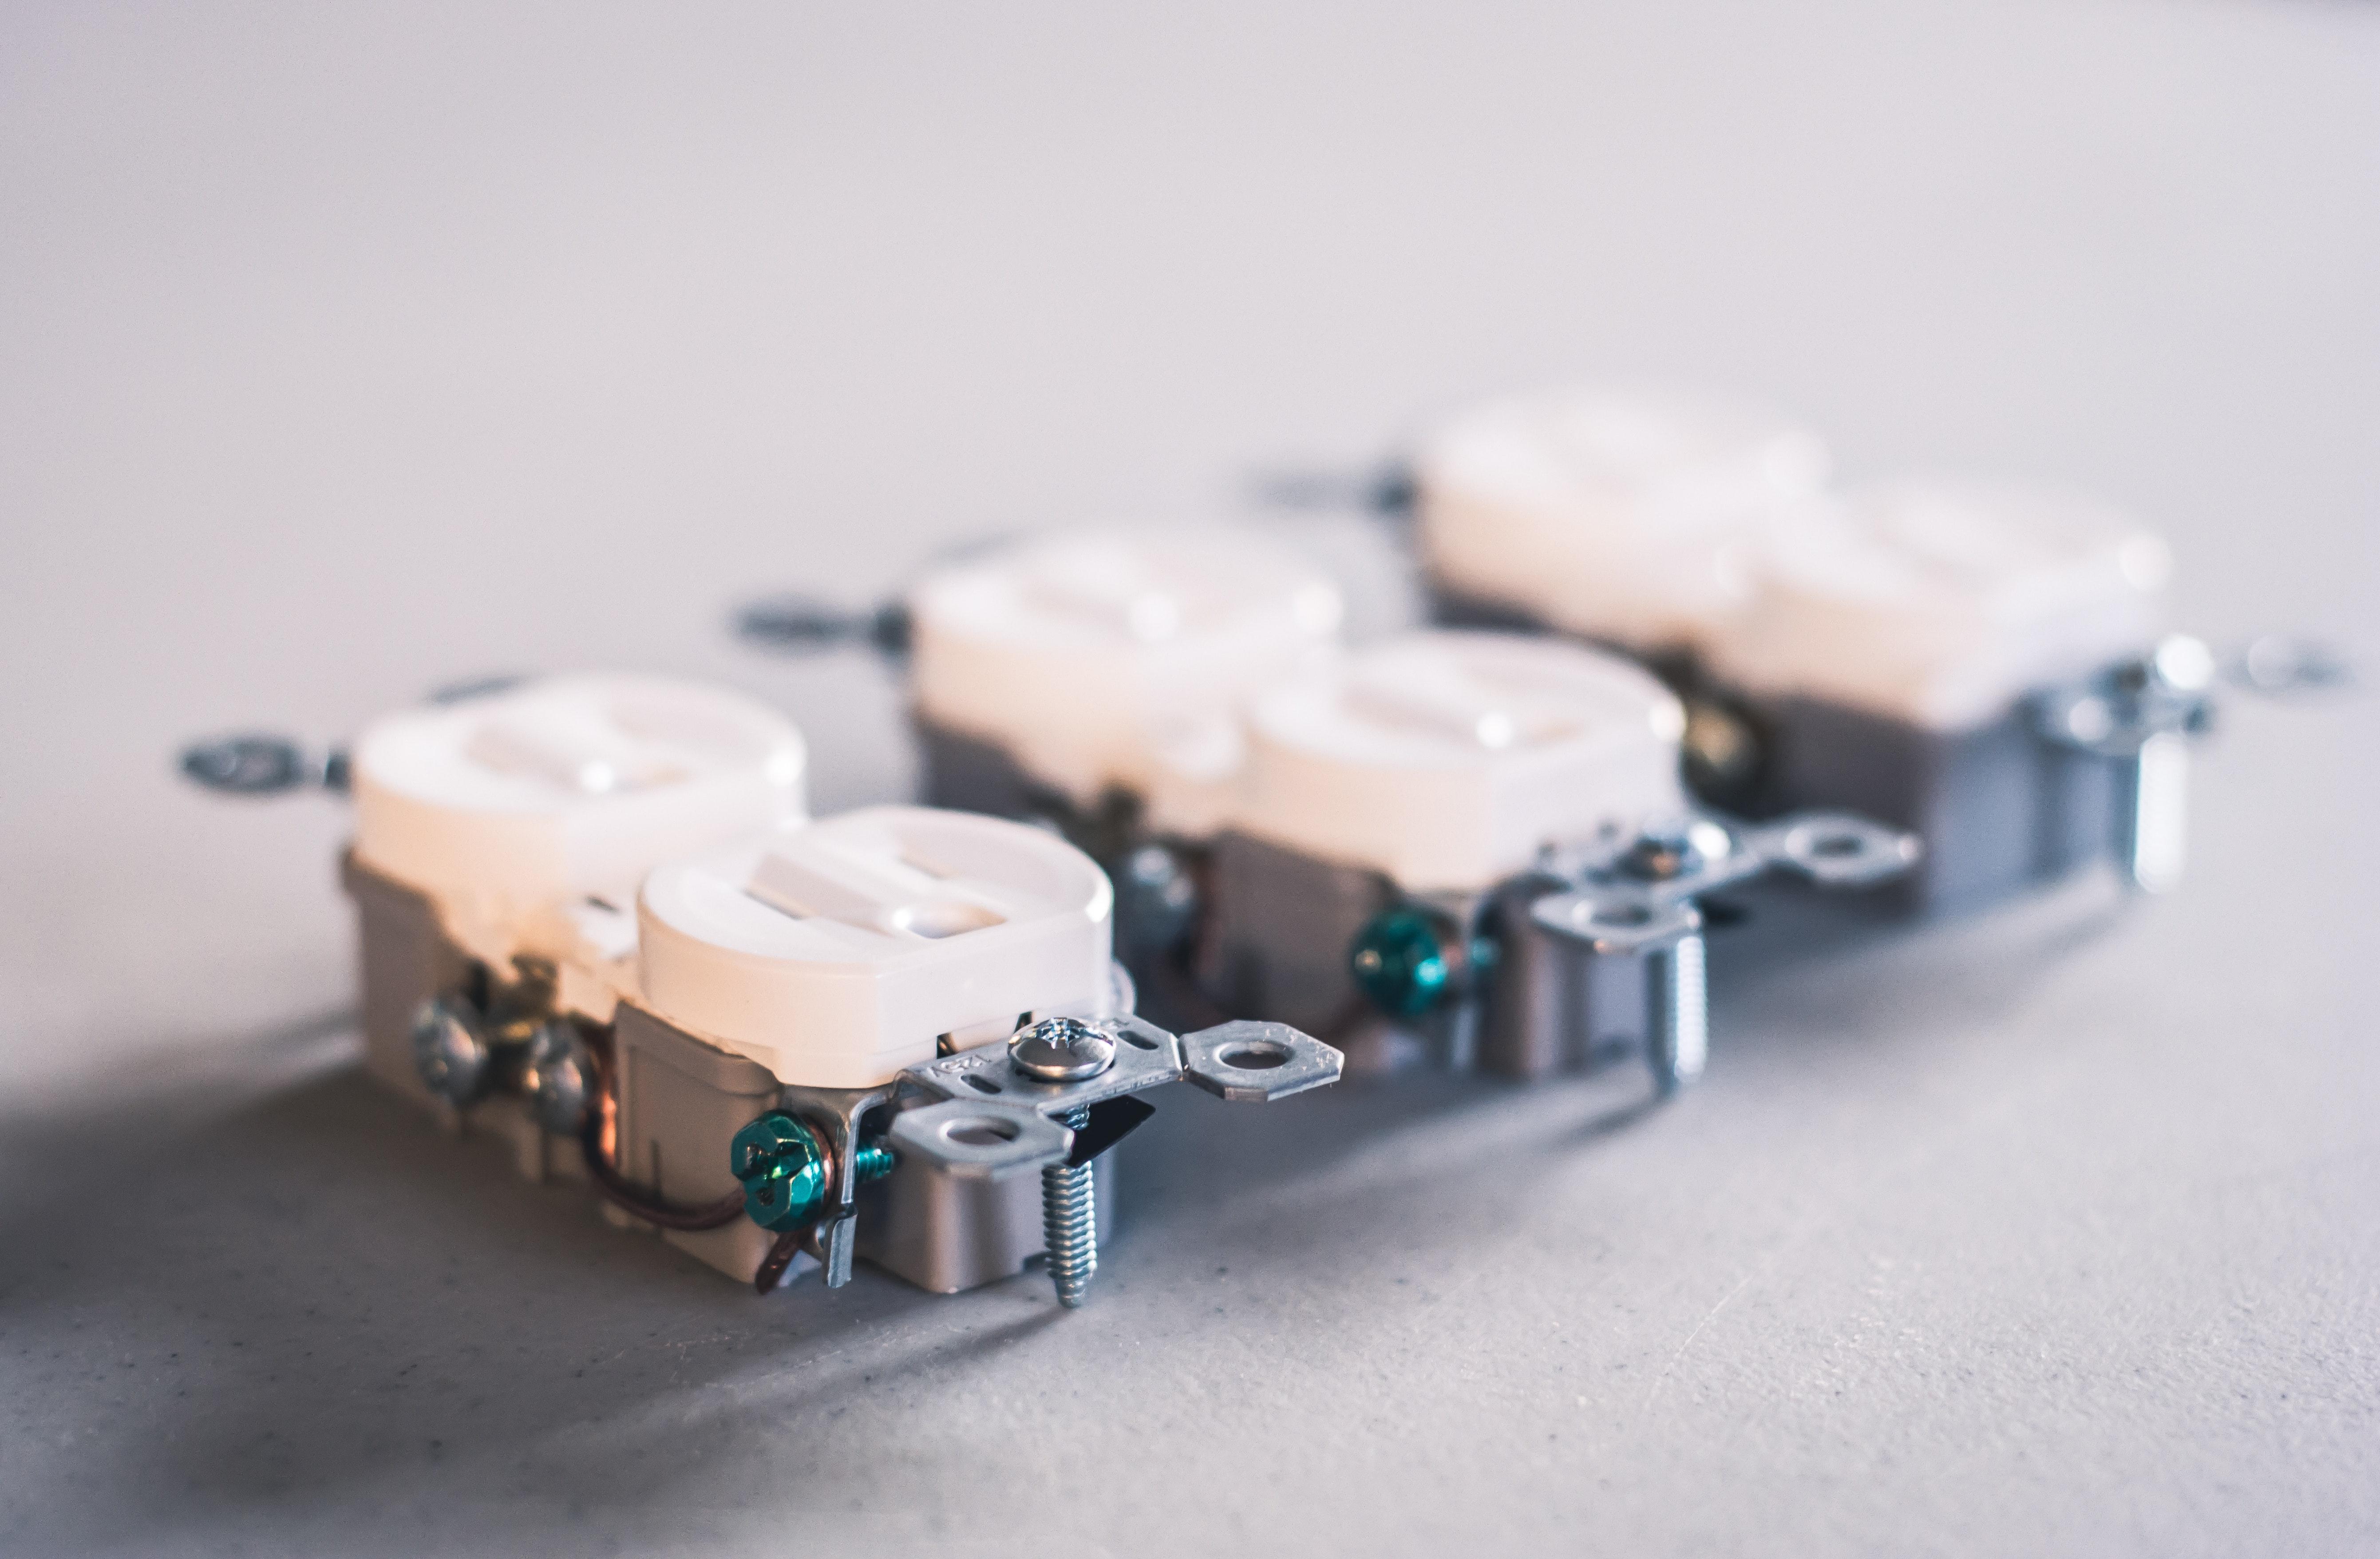 Three white wall sockets photo